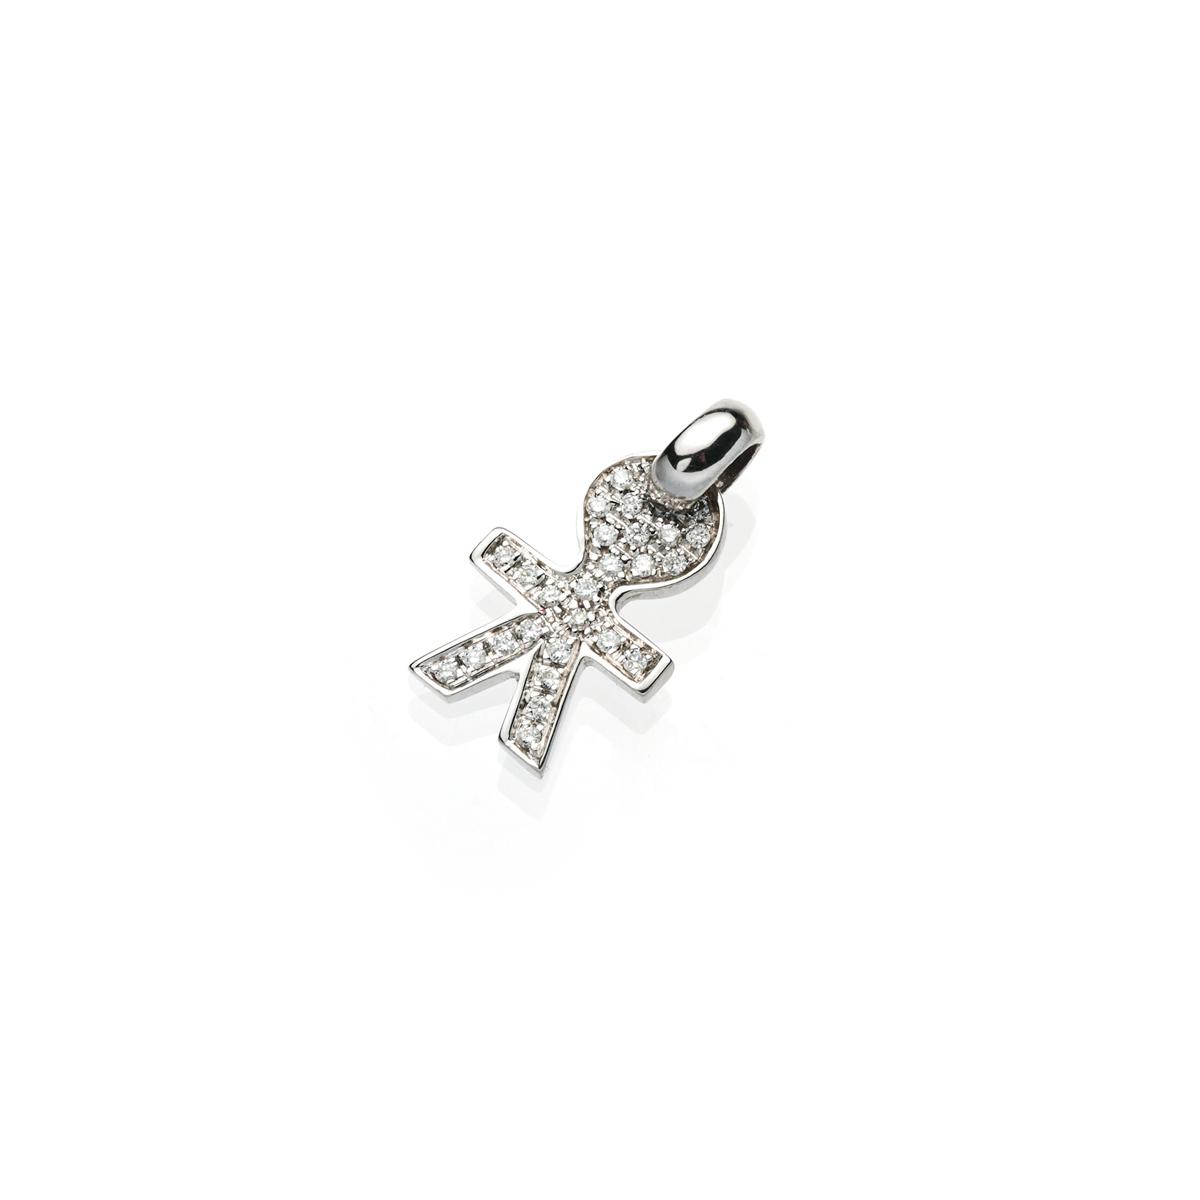 Fantasy Diamond Pendant